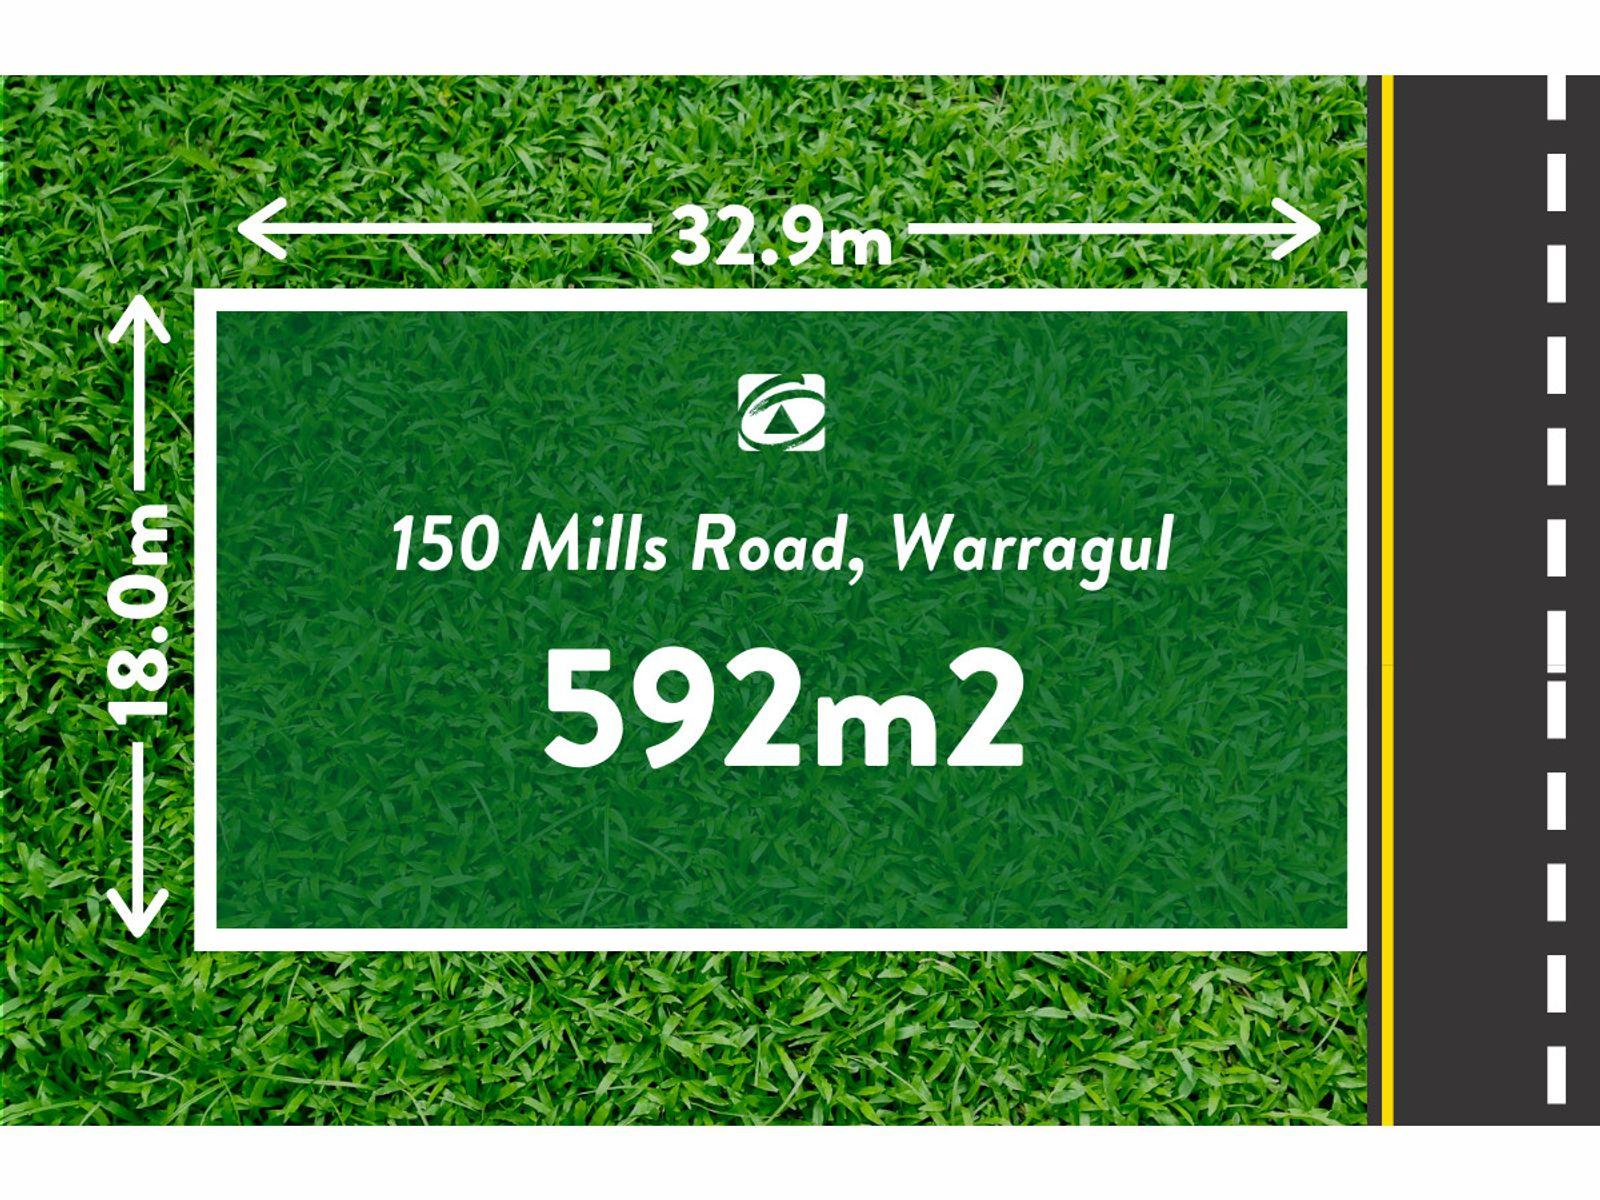 150 Mills Road, Warragul, VIC 3820